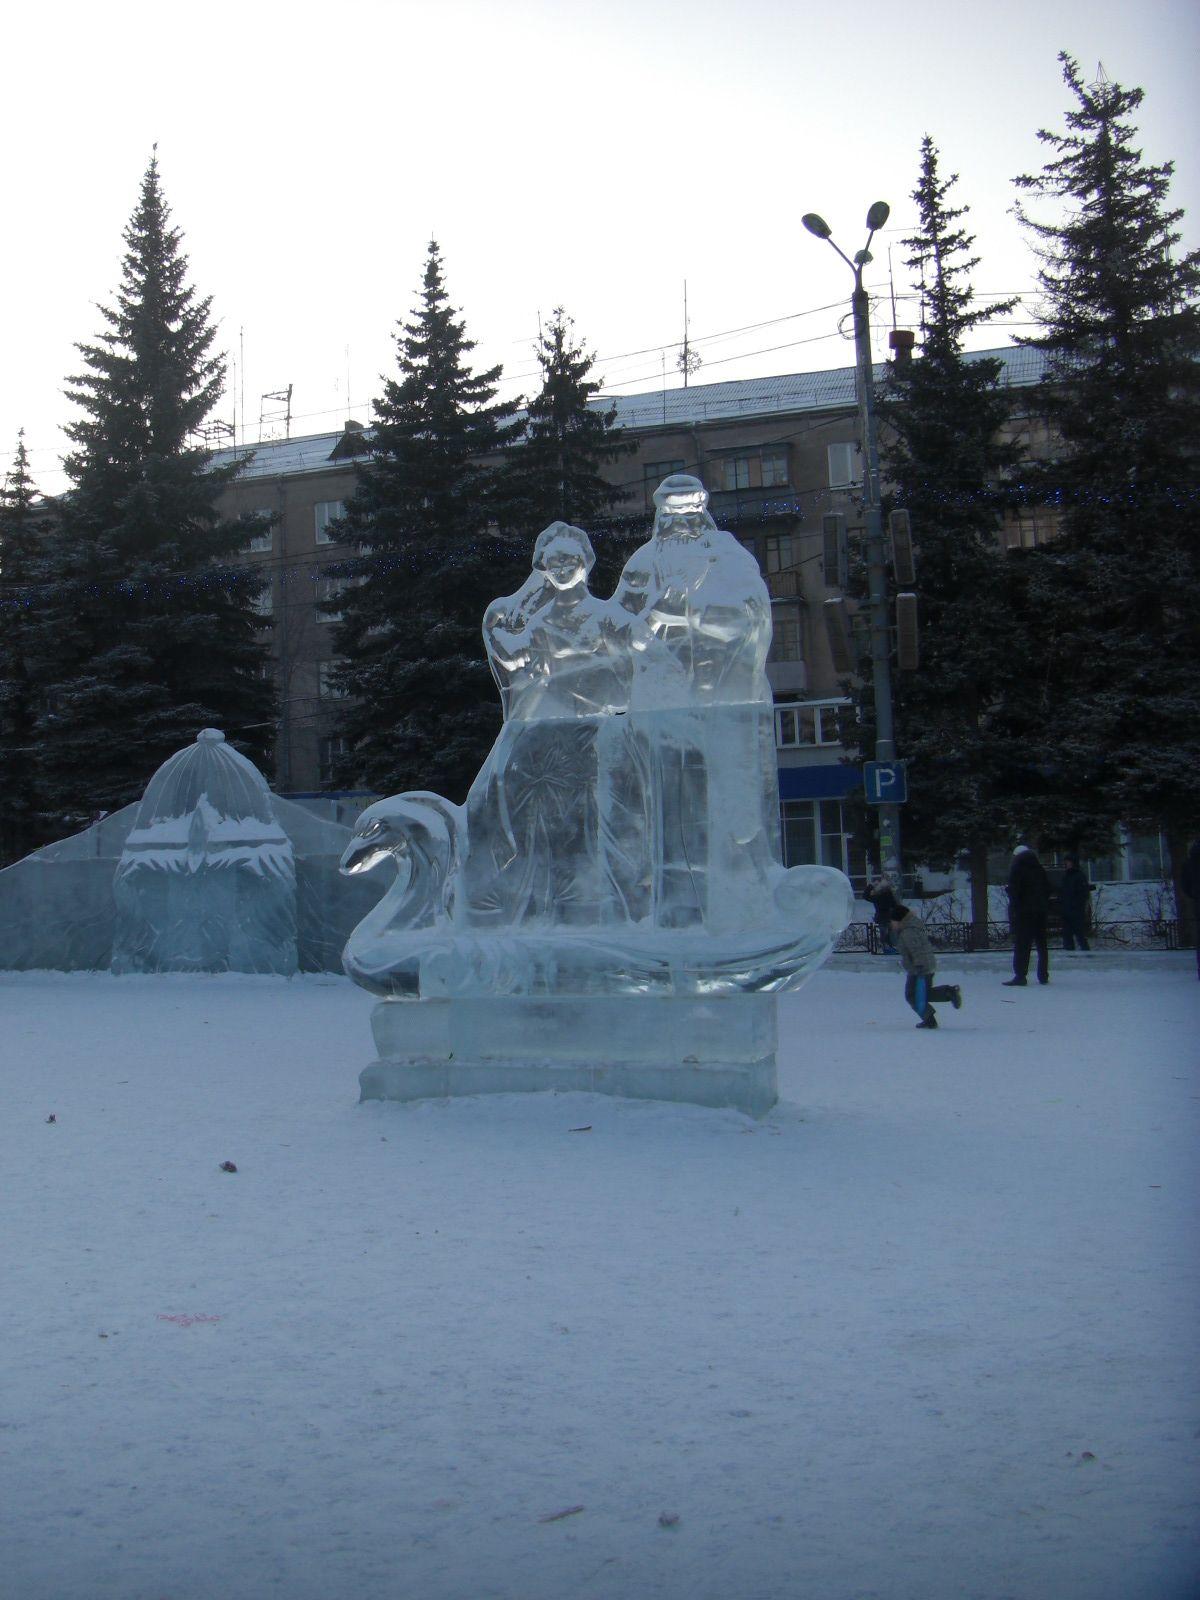 Дед Мороз, Снегурочка и… лебедь (09.02.2015)